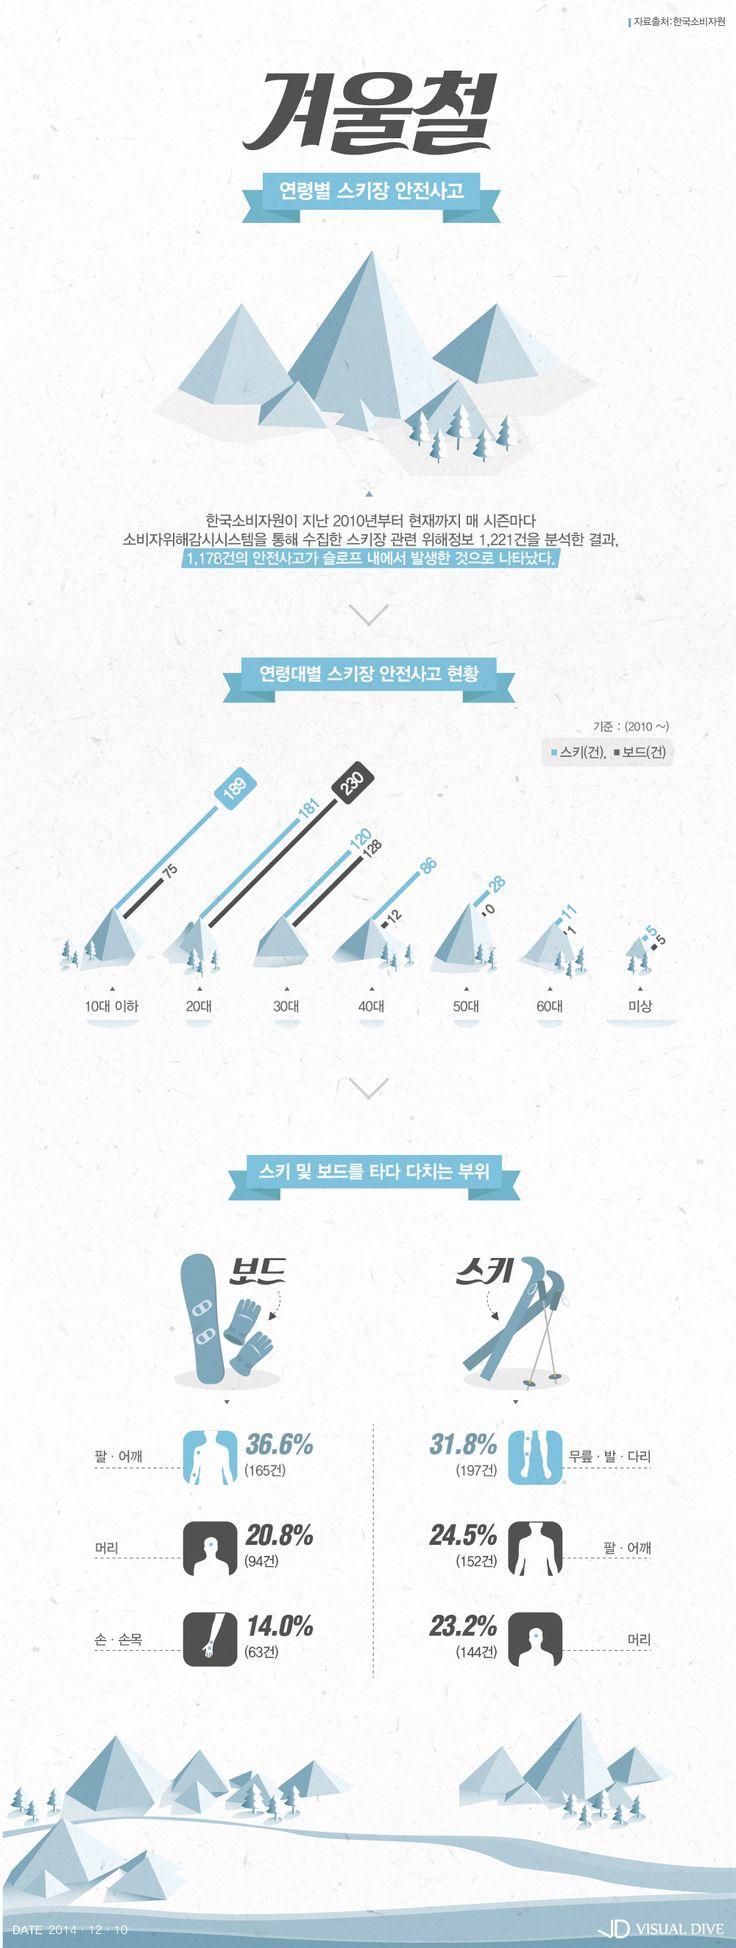 '스키장 안전사고' 10대는 스키, 2~30대는 스노보드 많아 [인포그래픽] #Ski resort / #Infographic ⓒ 비주얼다이브 무단 복사·전재·재배포 금지